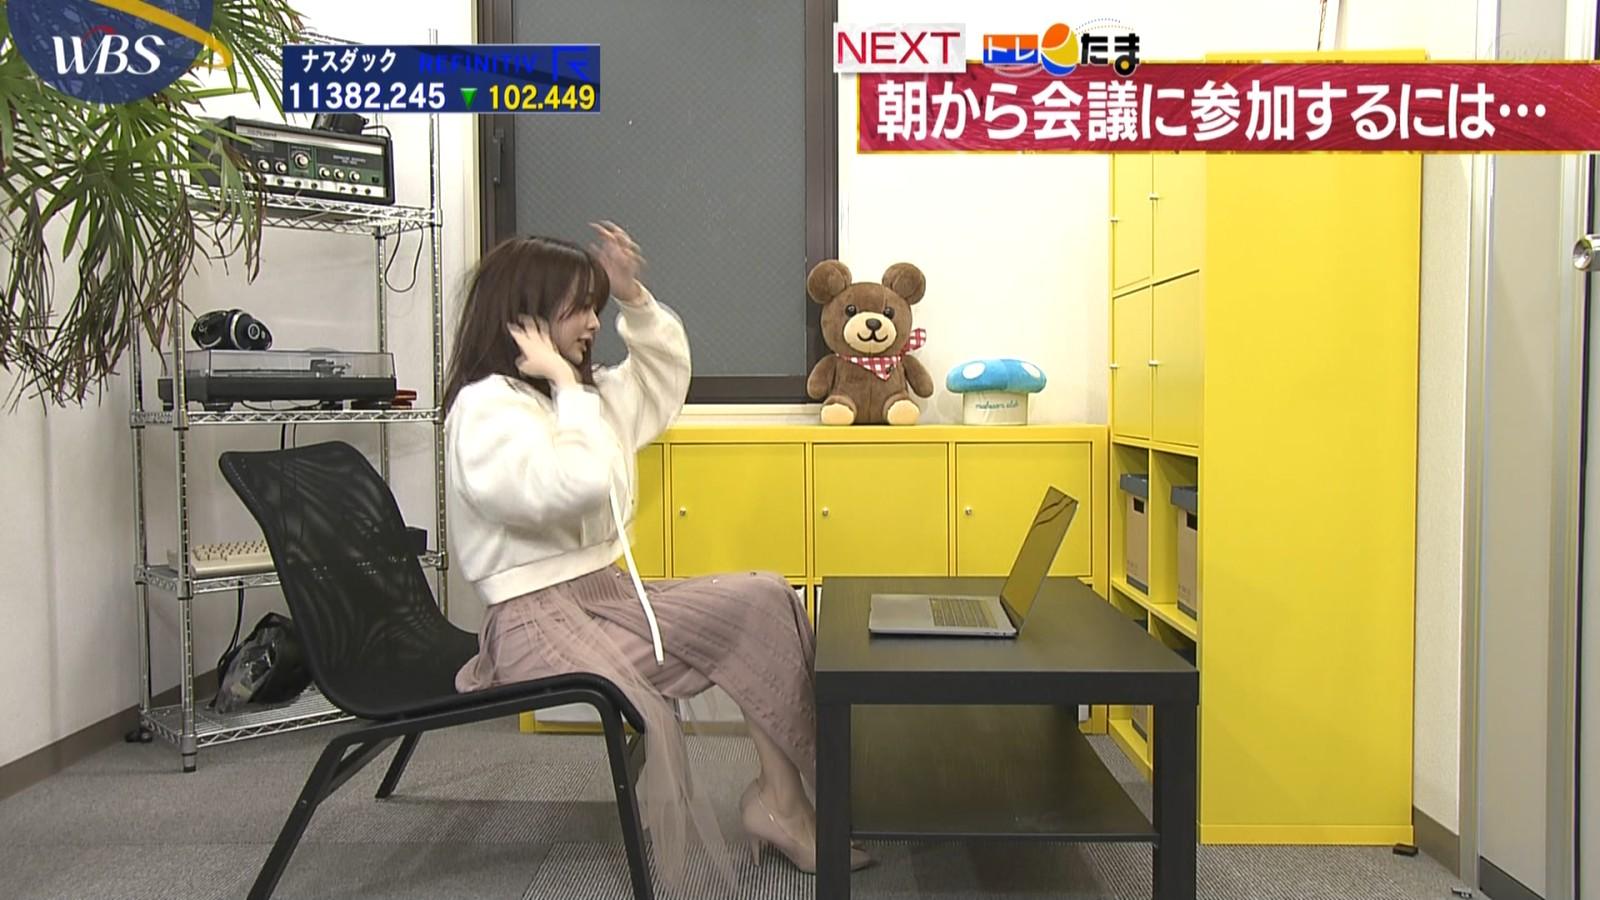 森香澄_着衣巨乳_お尻_トレンドたまご_04